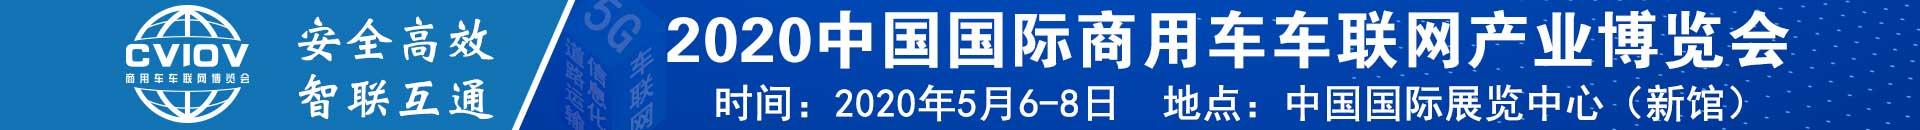 2020中国国际商用车车联网产业博览会 暨道路运输信息化展